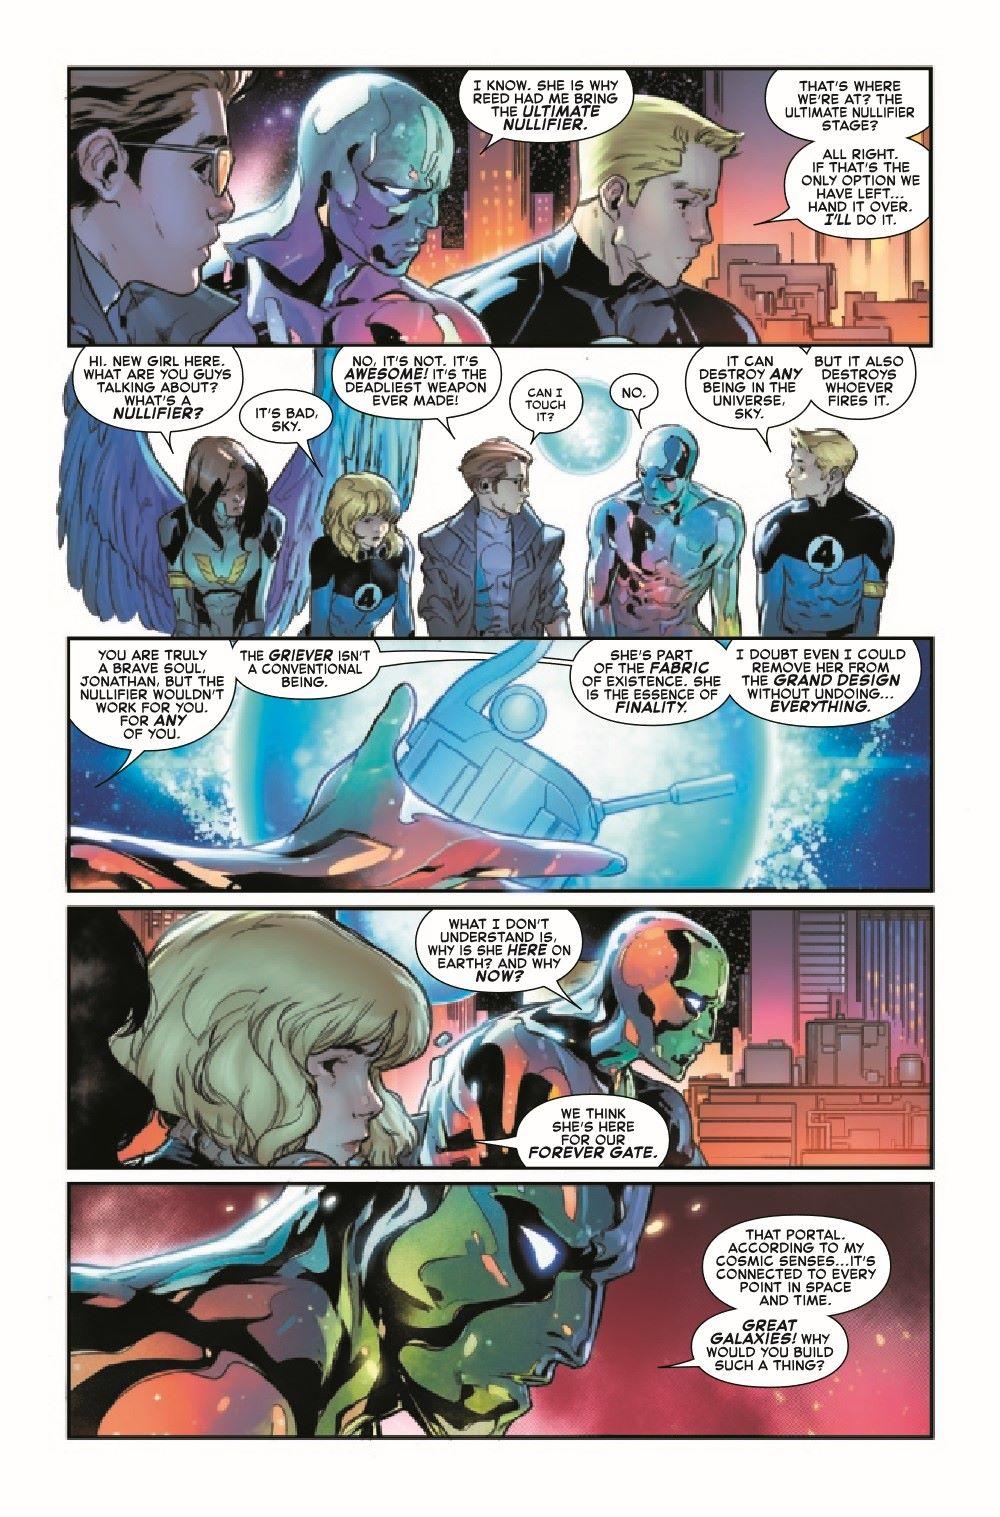 FF2018028_Preview-6 ComicList Previews: FANTASTIC FOUR #28